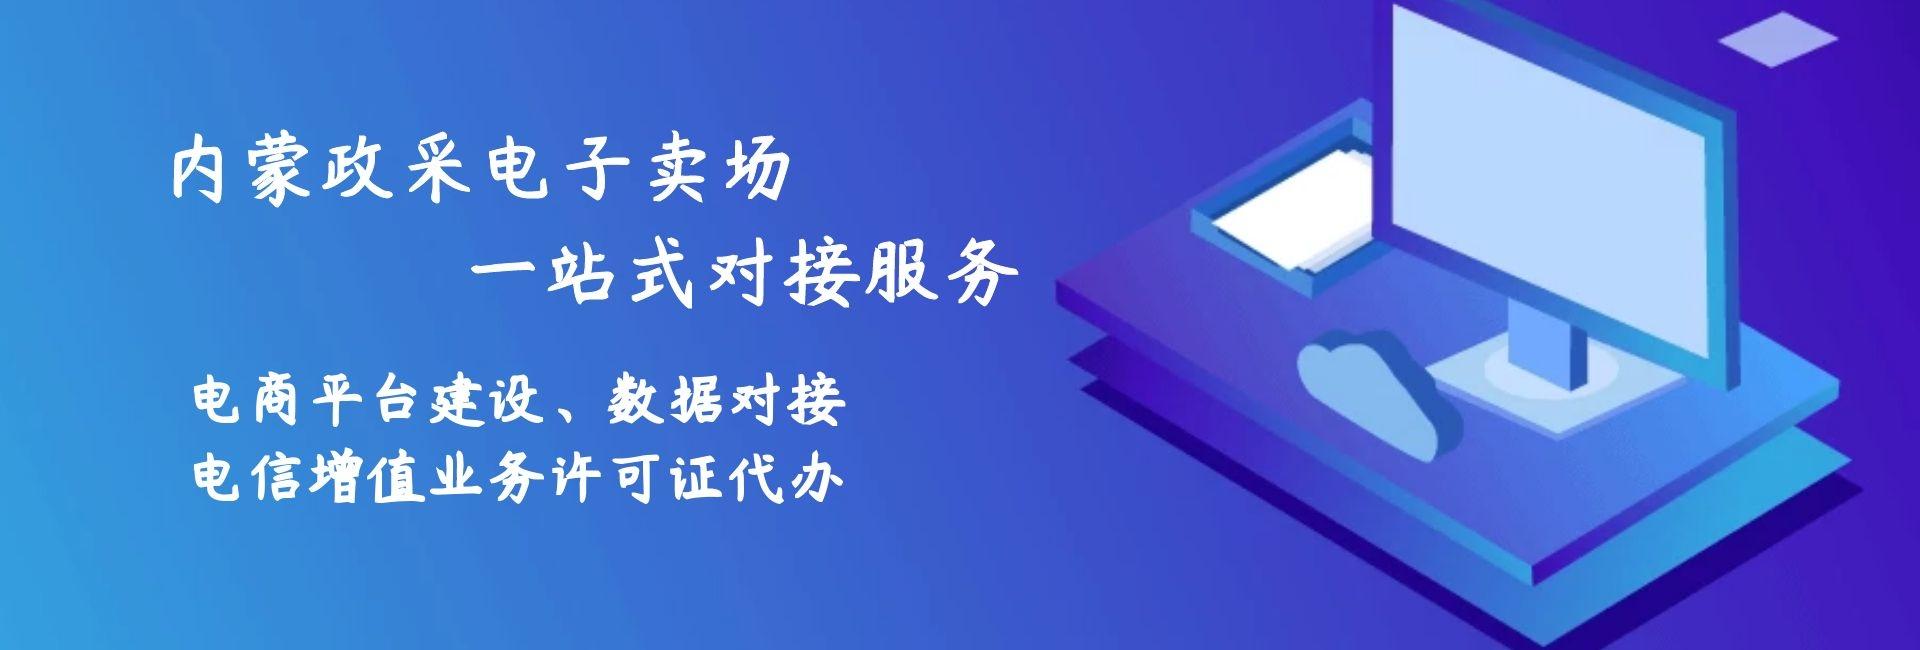 内蒙古政府采购电子卖场对接服务,增值业务许可证代办